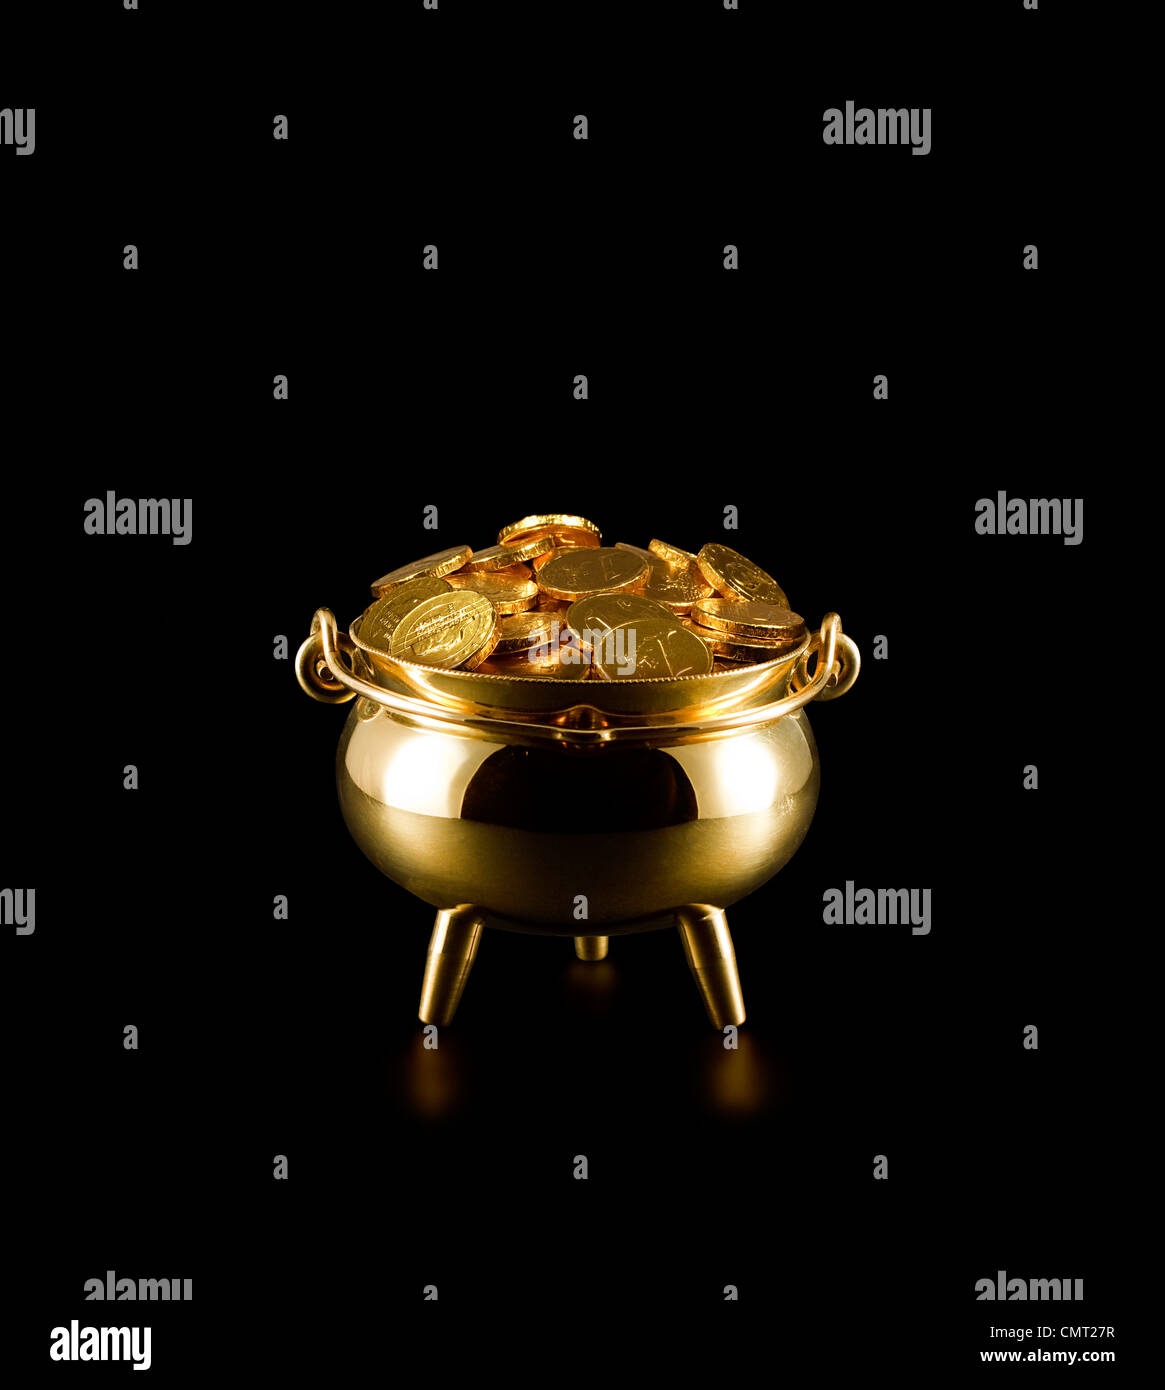 Topf voll Gold Münzen ein Symbol für das Glück der Iren oder St. Patricks Day Stockbild